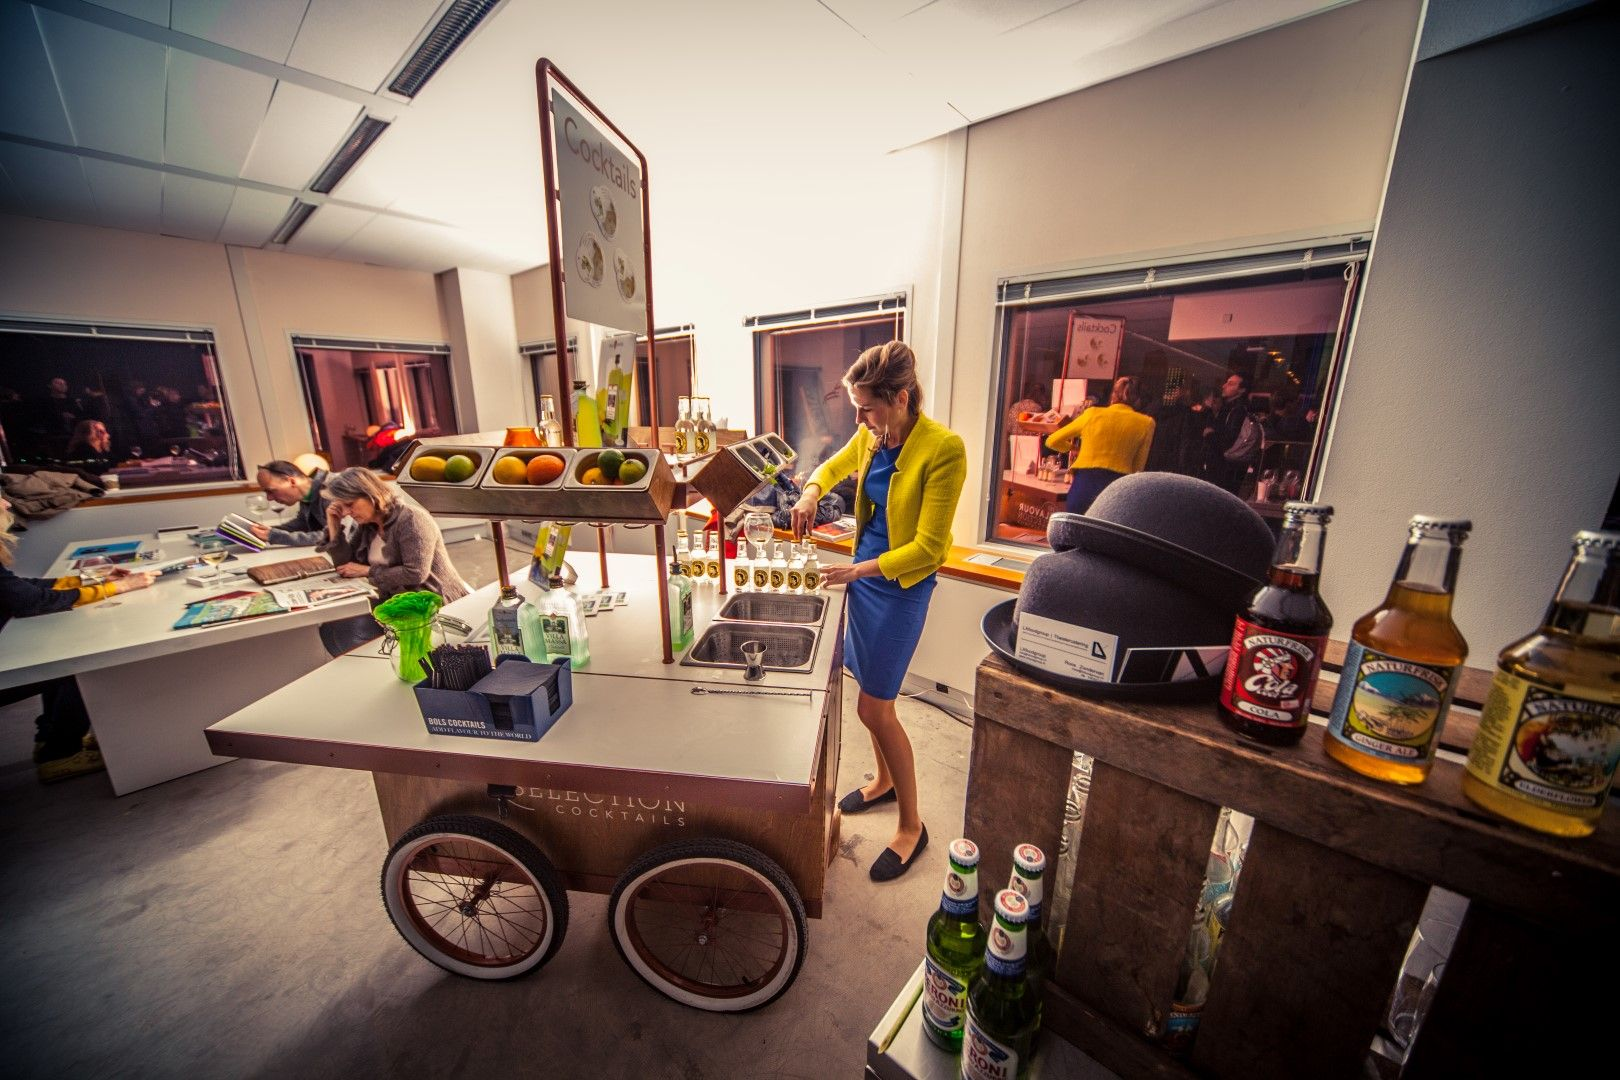 fotograaf huren foodfest bedrijfsevenement